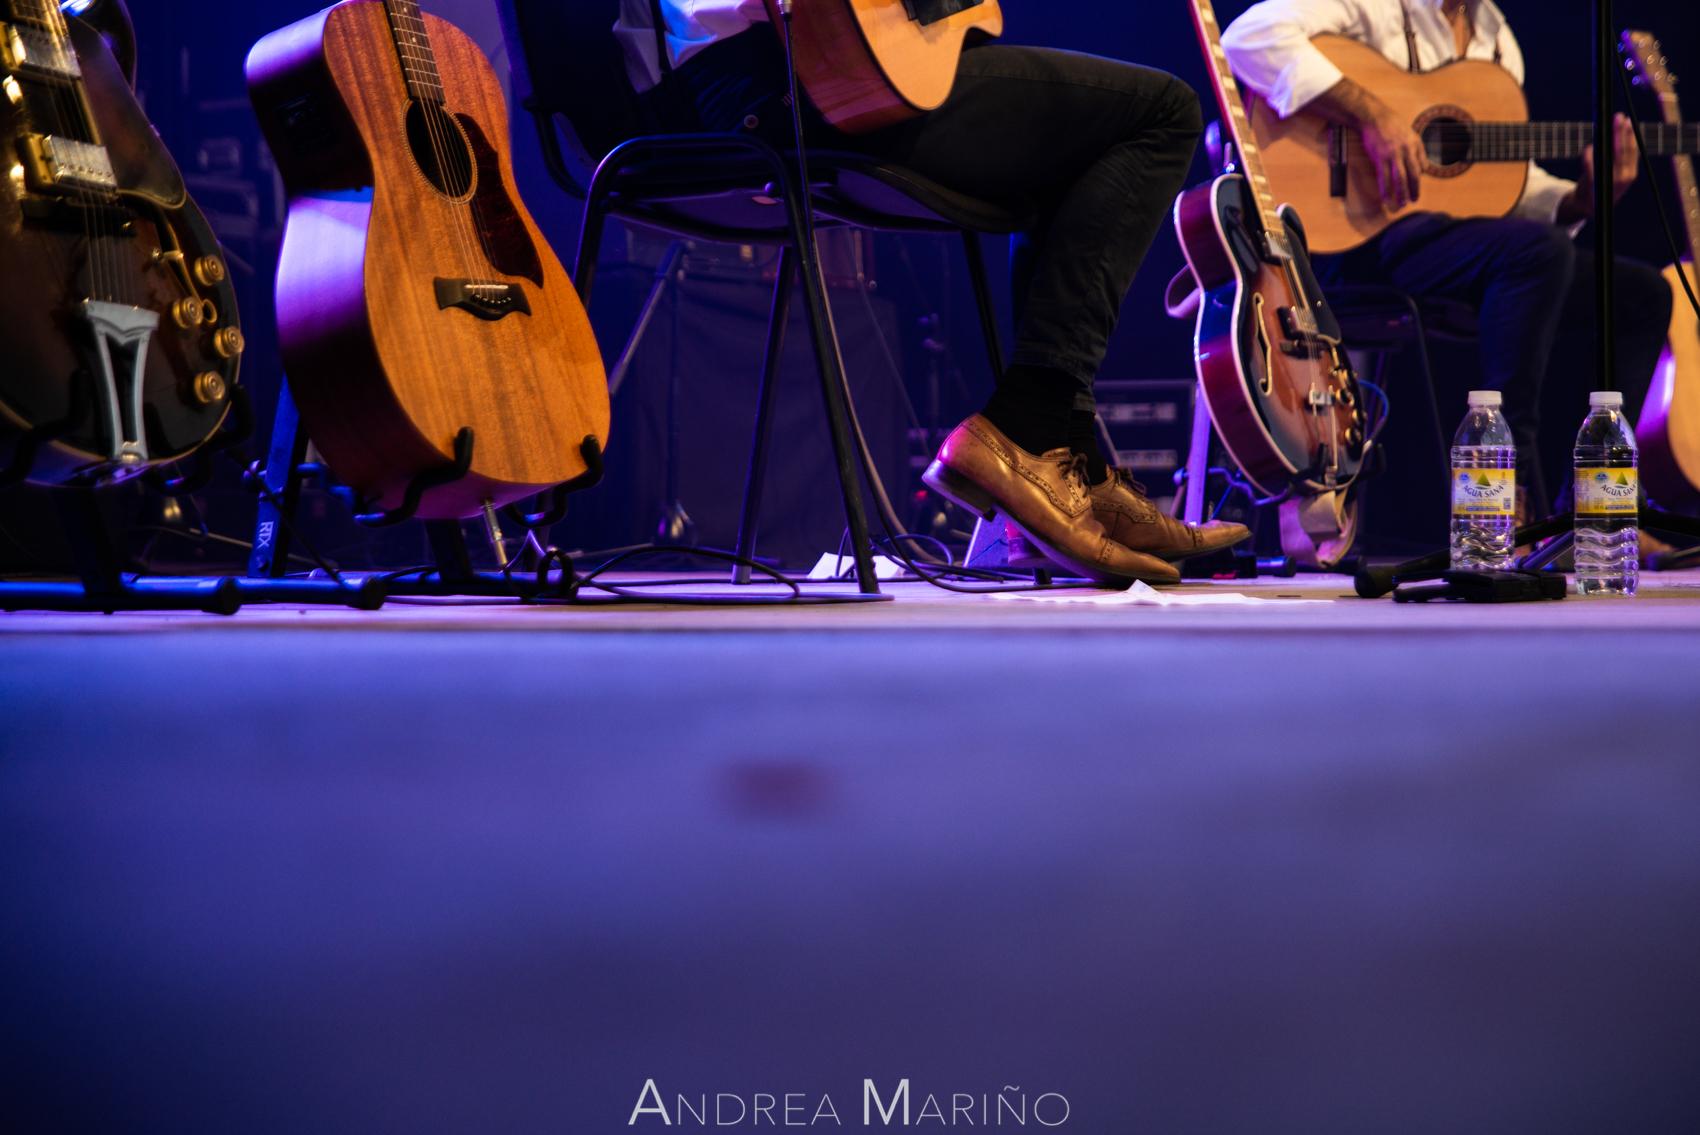 Guitarras y pies del músico del grupo